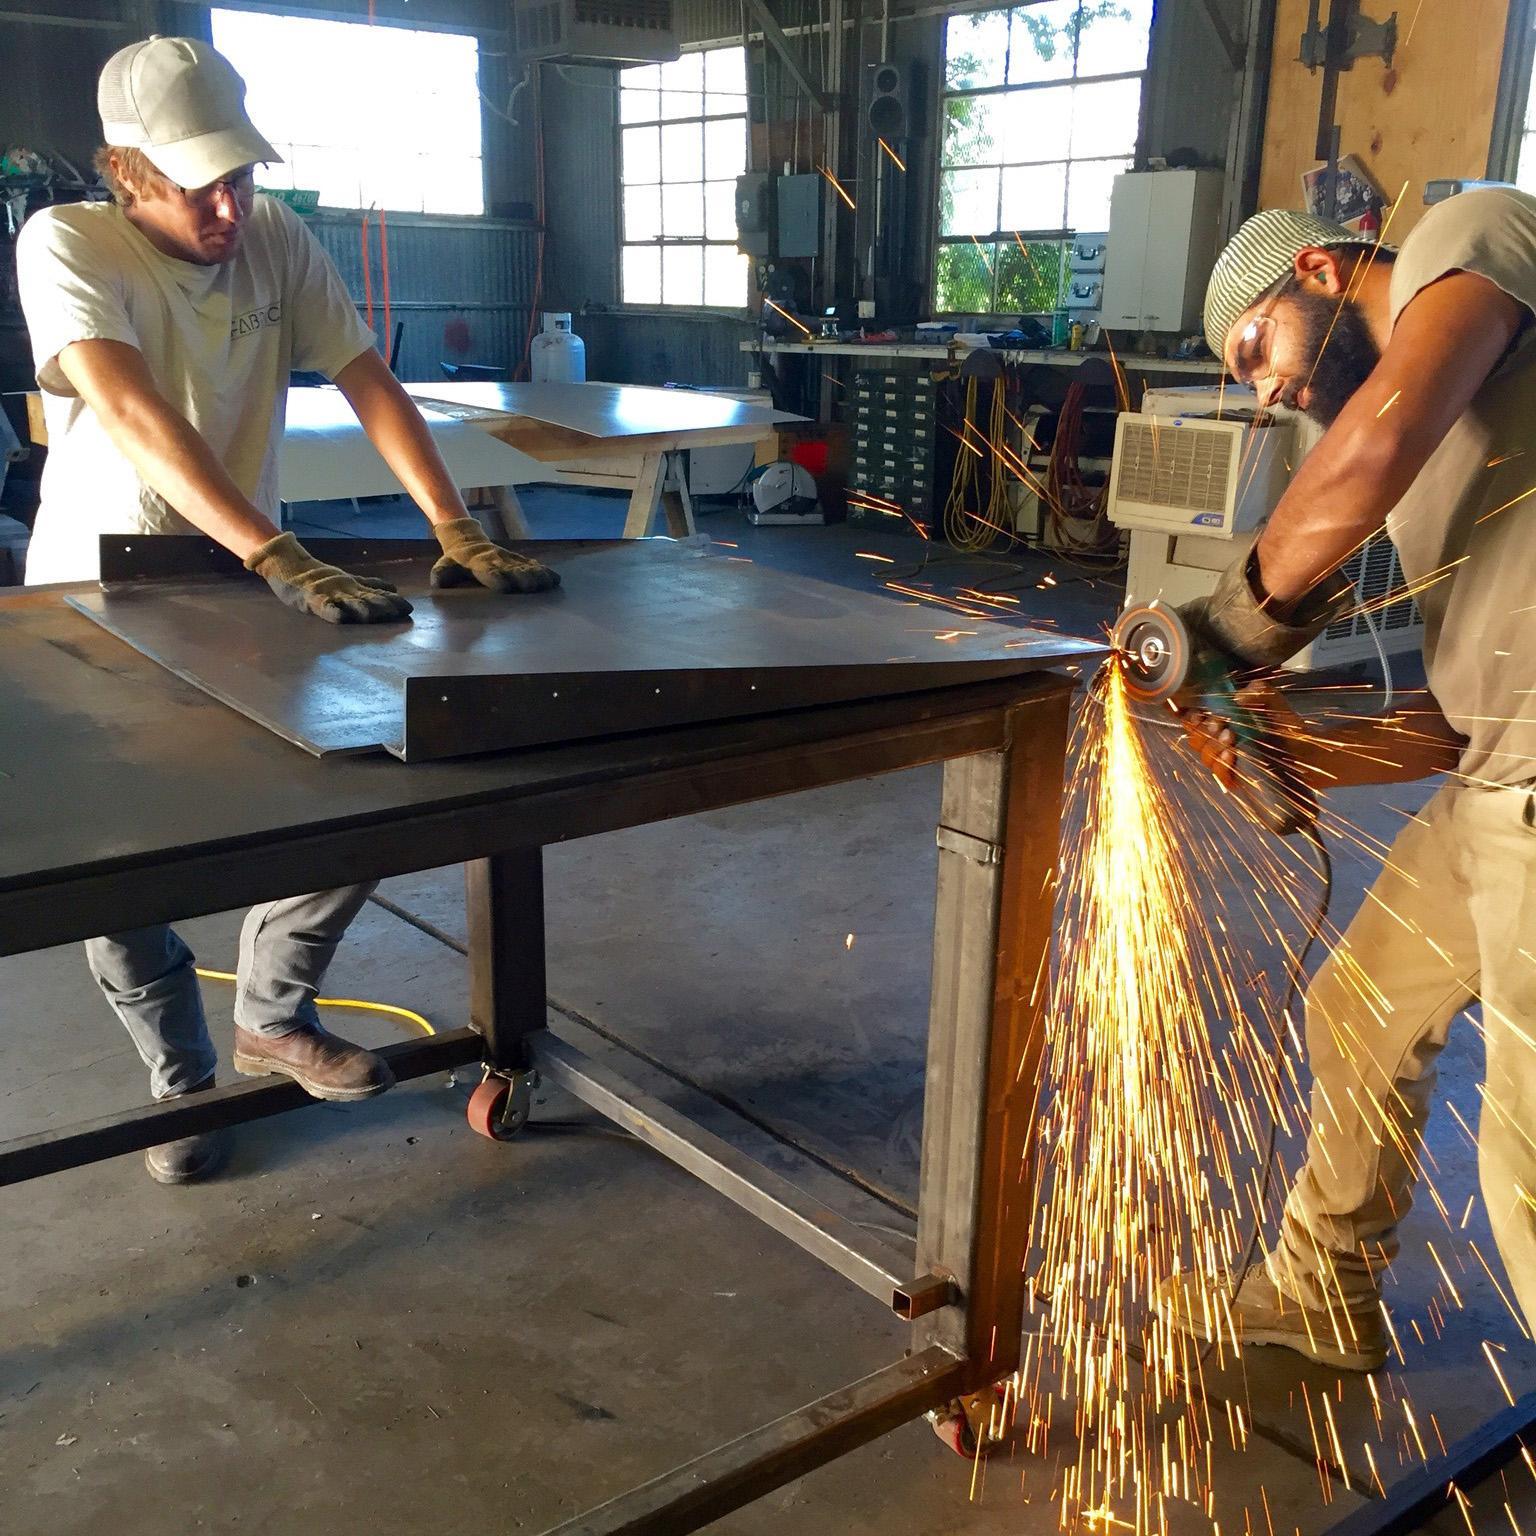 Working - Welding.jpg